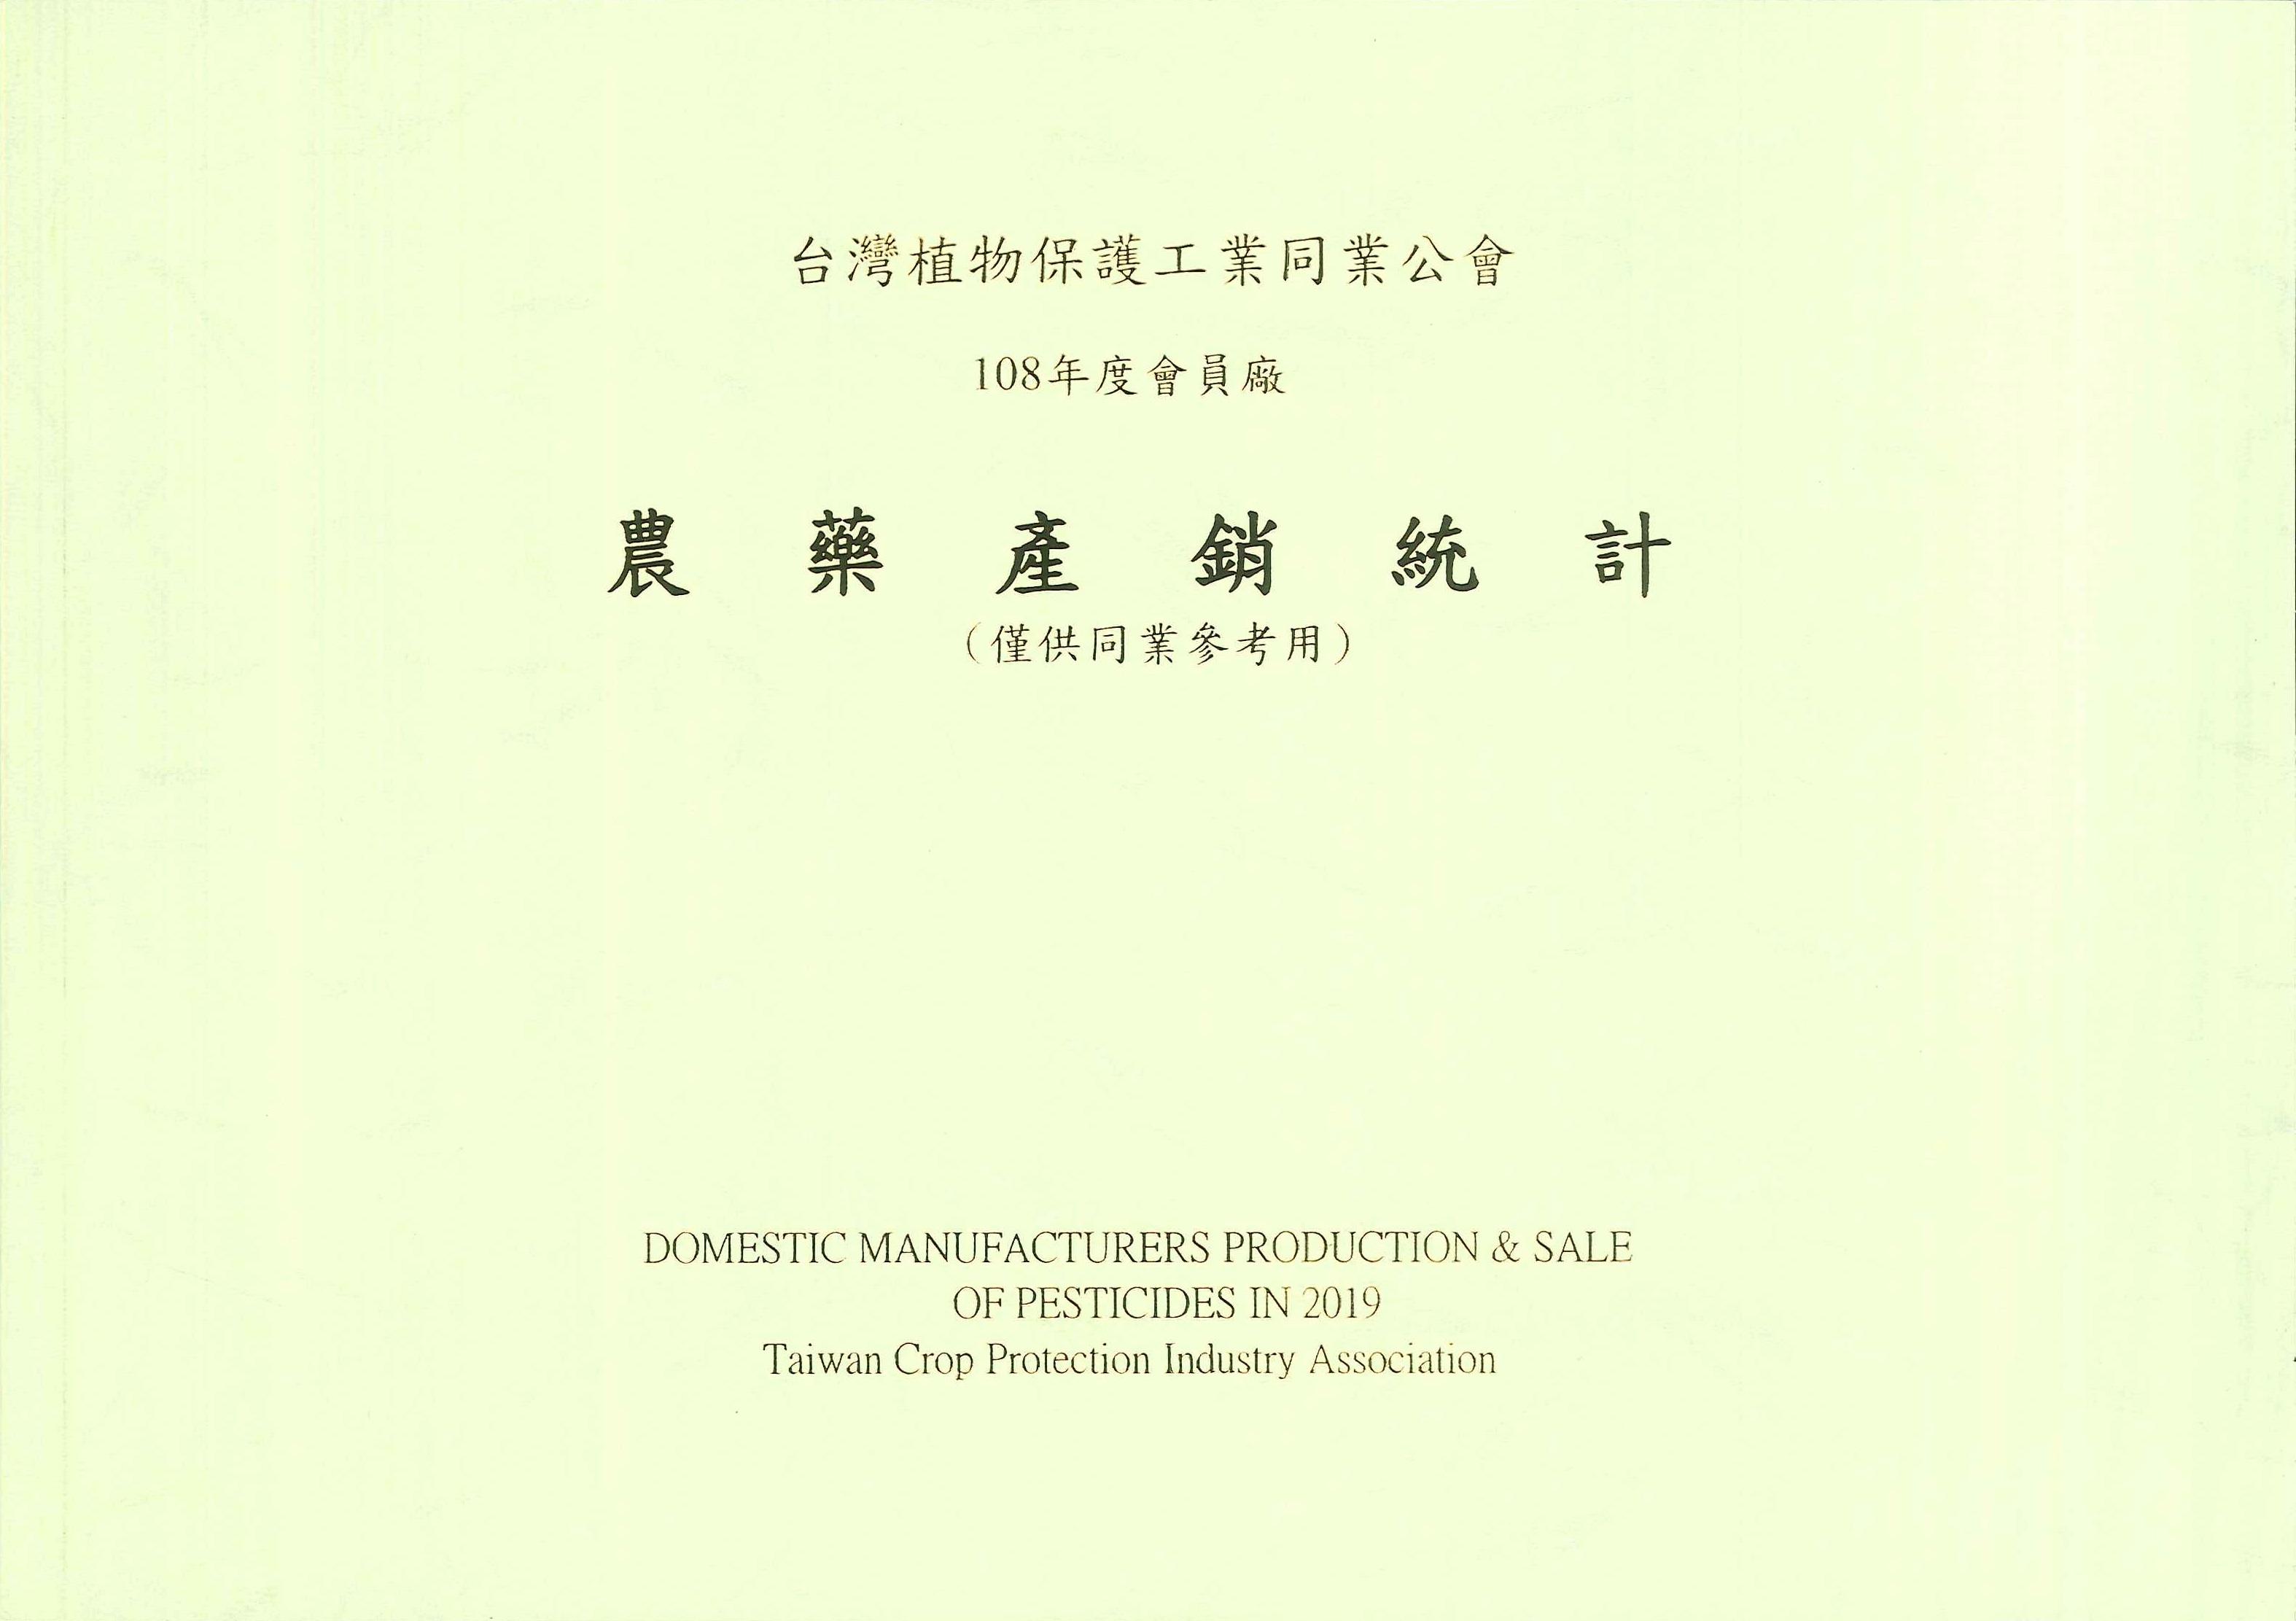 農藥產銷統計